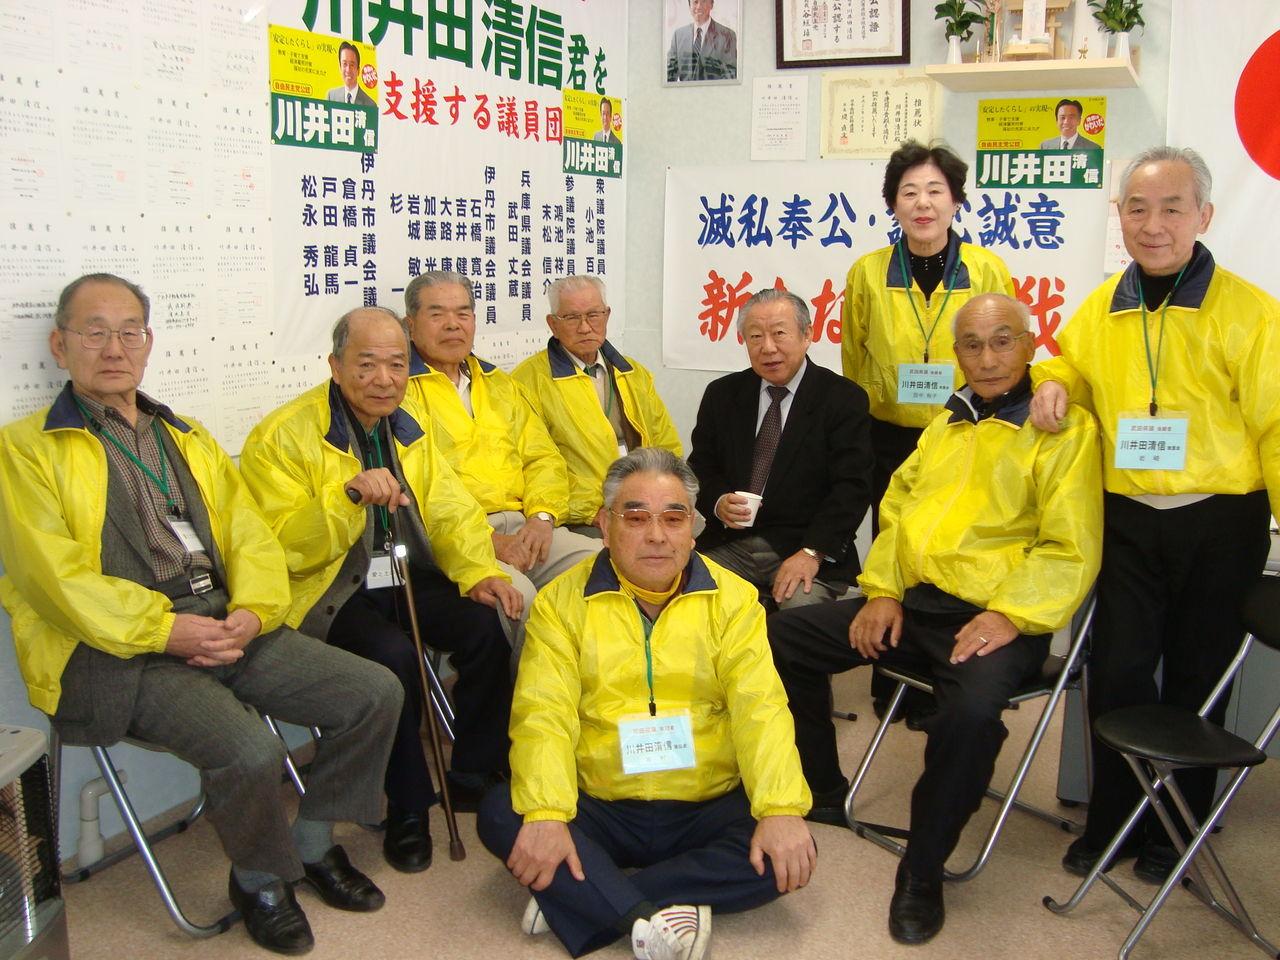 152 田村さんと田中さんが県議の指定席を確保していた当時から常に選挙戦に関わ... 県議選の消